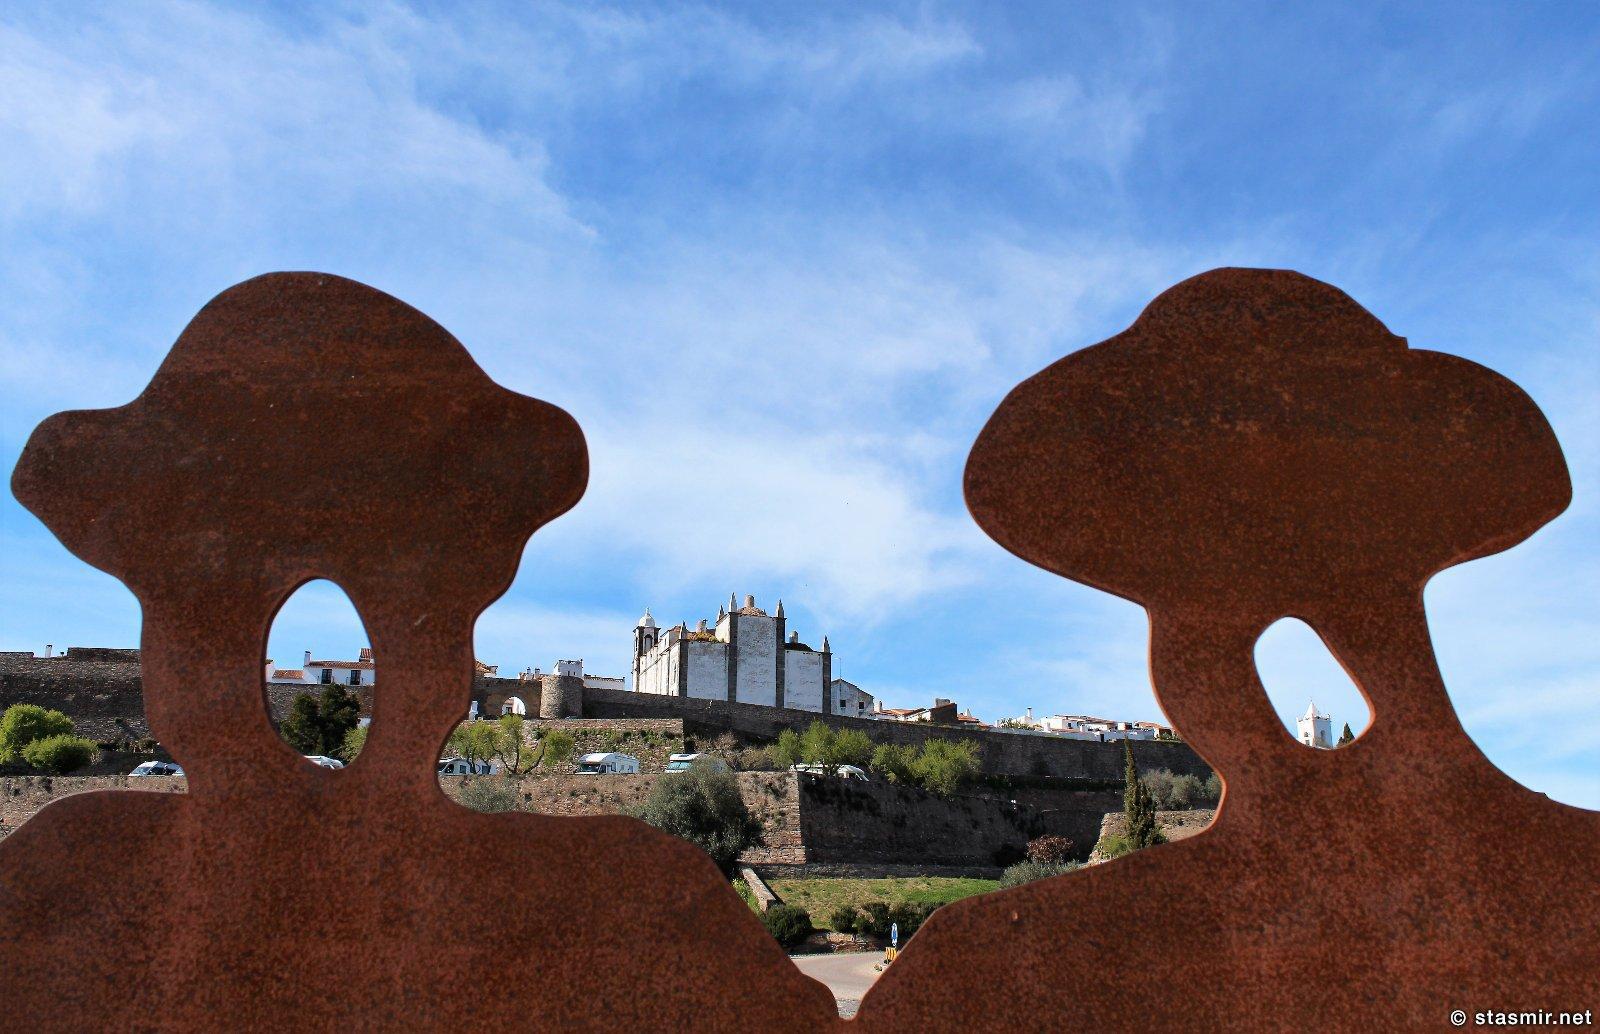 Памятник алентежской песне, фото Стасмир, Photo Stasmir